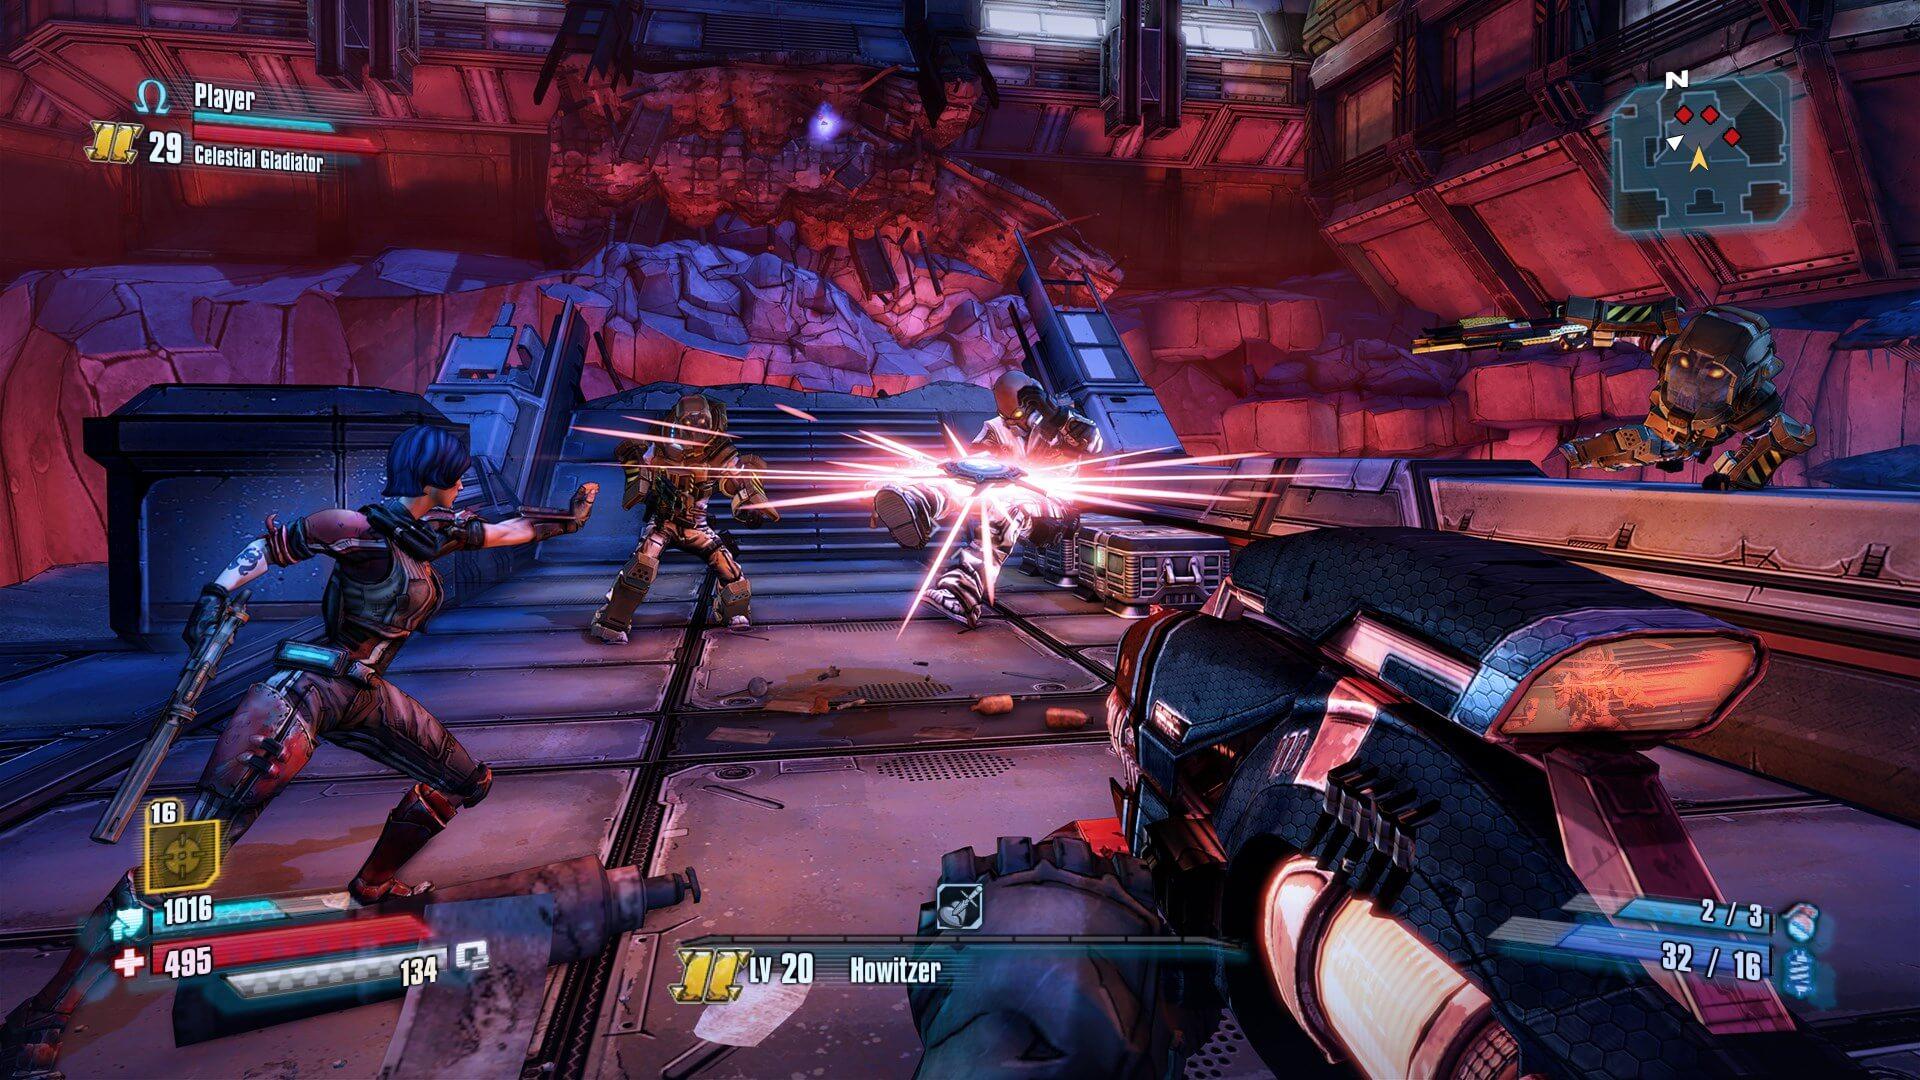 Gearbox Explains No 'Borderlands: The Pre-Sequel' on Next-Gen